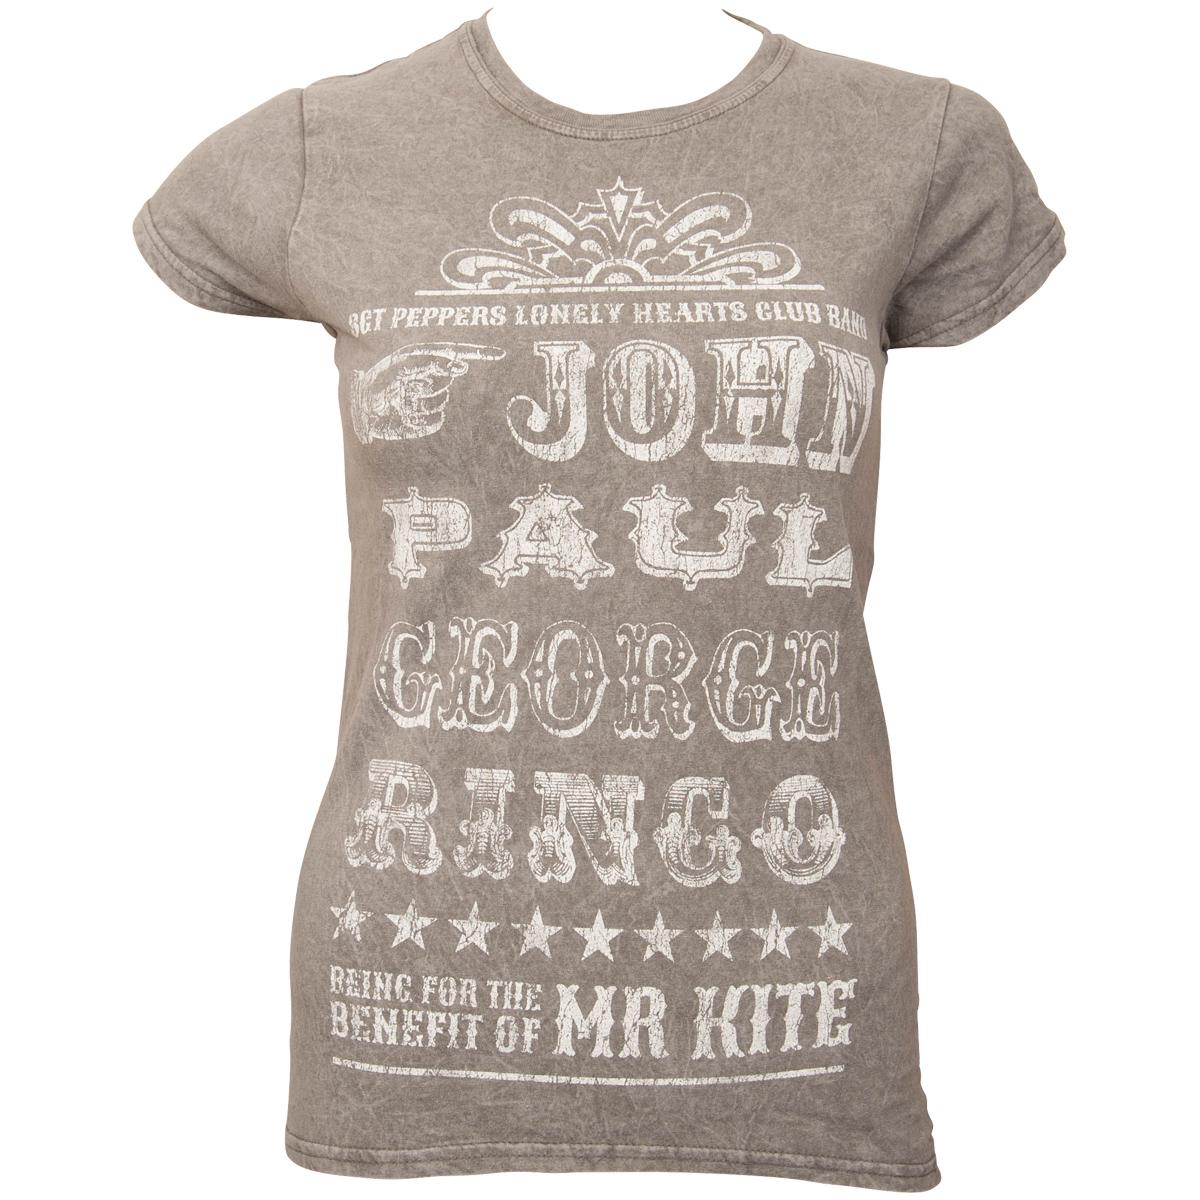 The Beatles - Frauen T-Shirt Mr Kite - grau